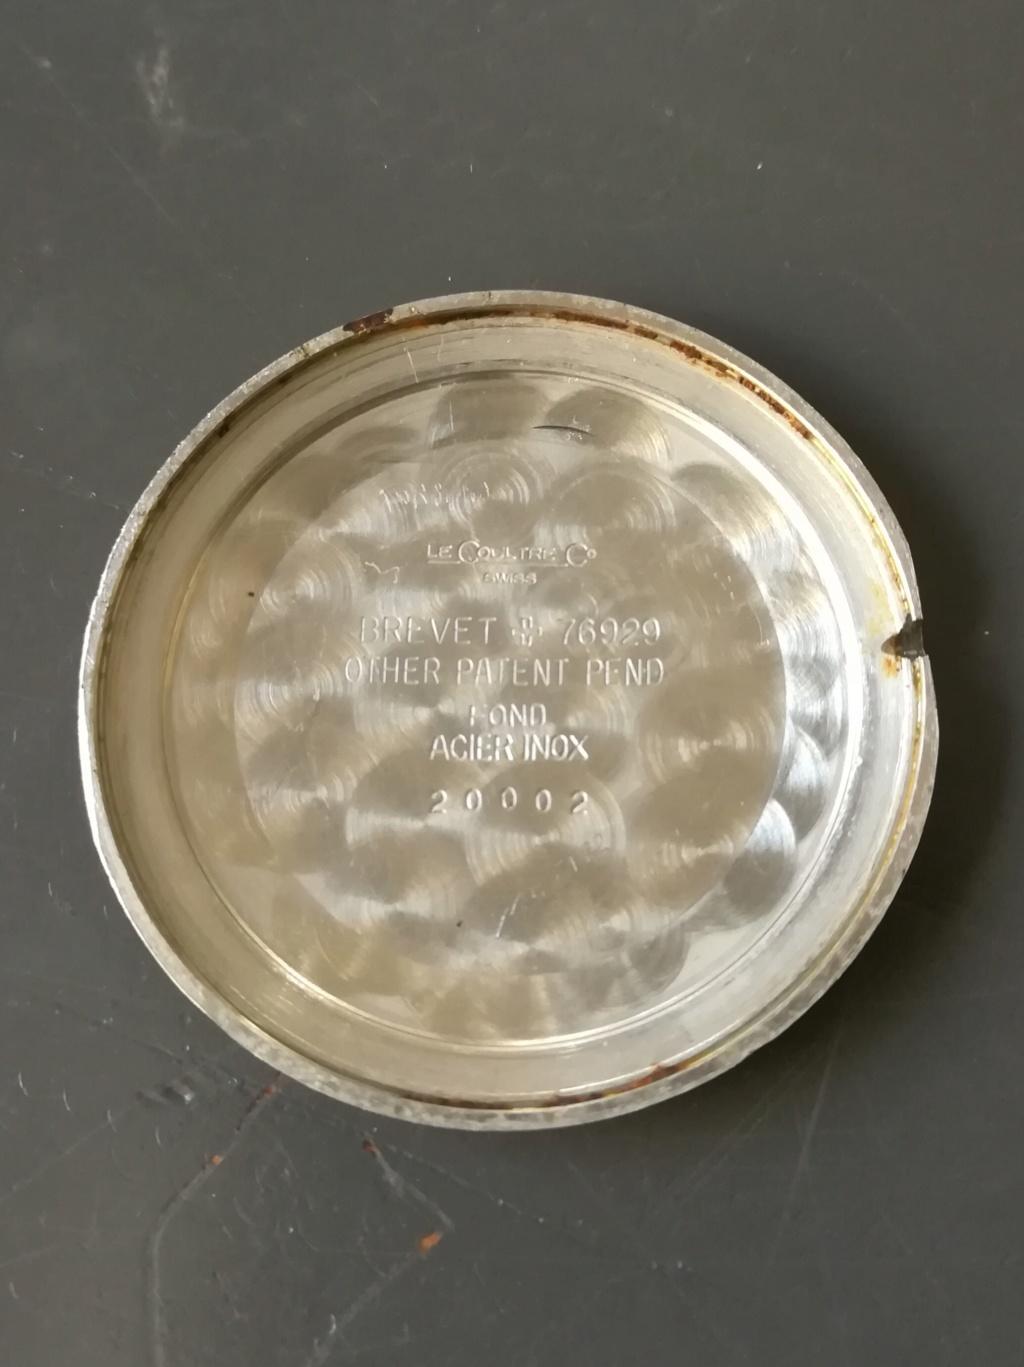 lecoultre - [VENDU] Jaeger Lecoultre mécanique années 60  : 590 euros Img_2202